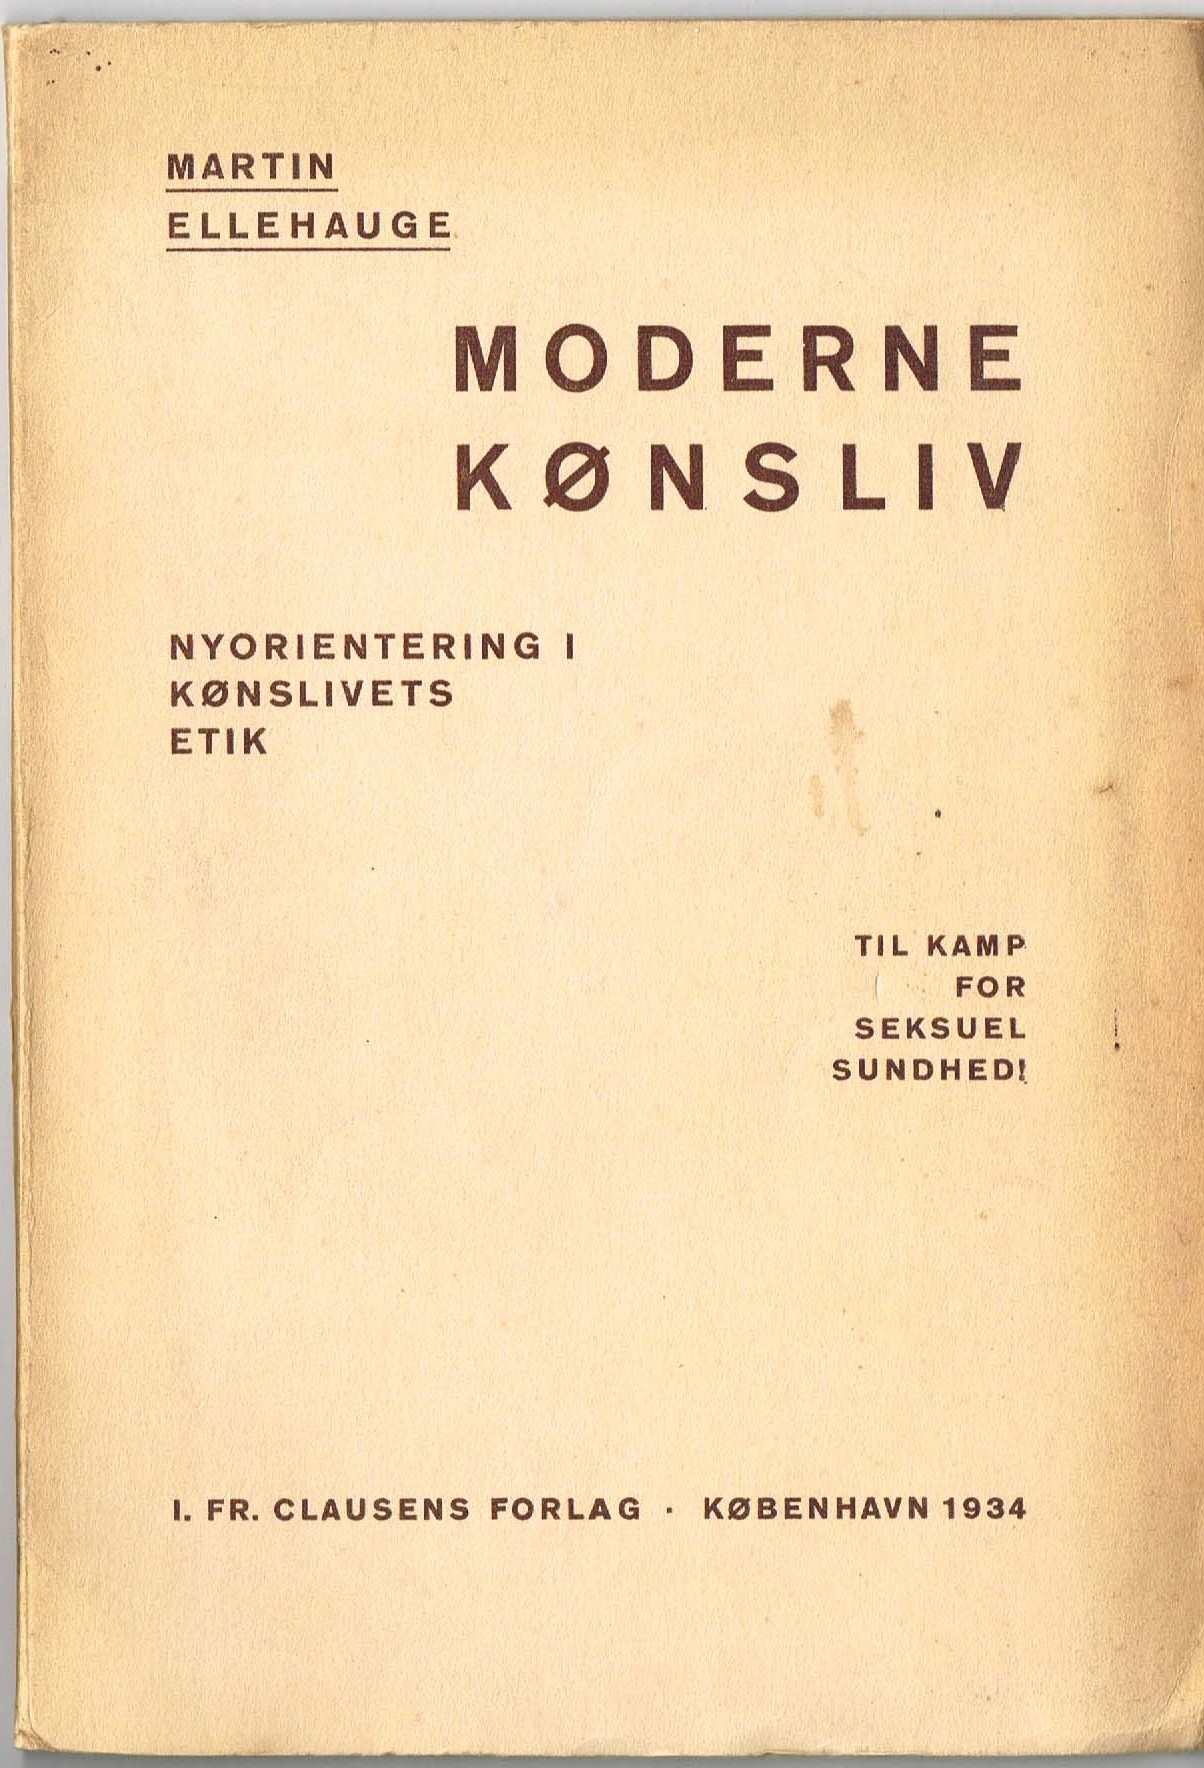 moderne kønsliv